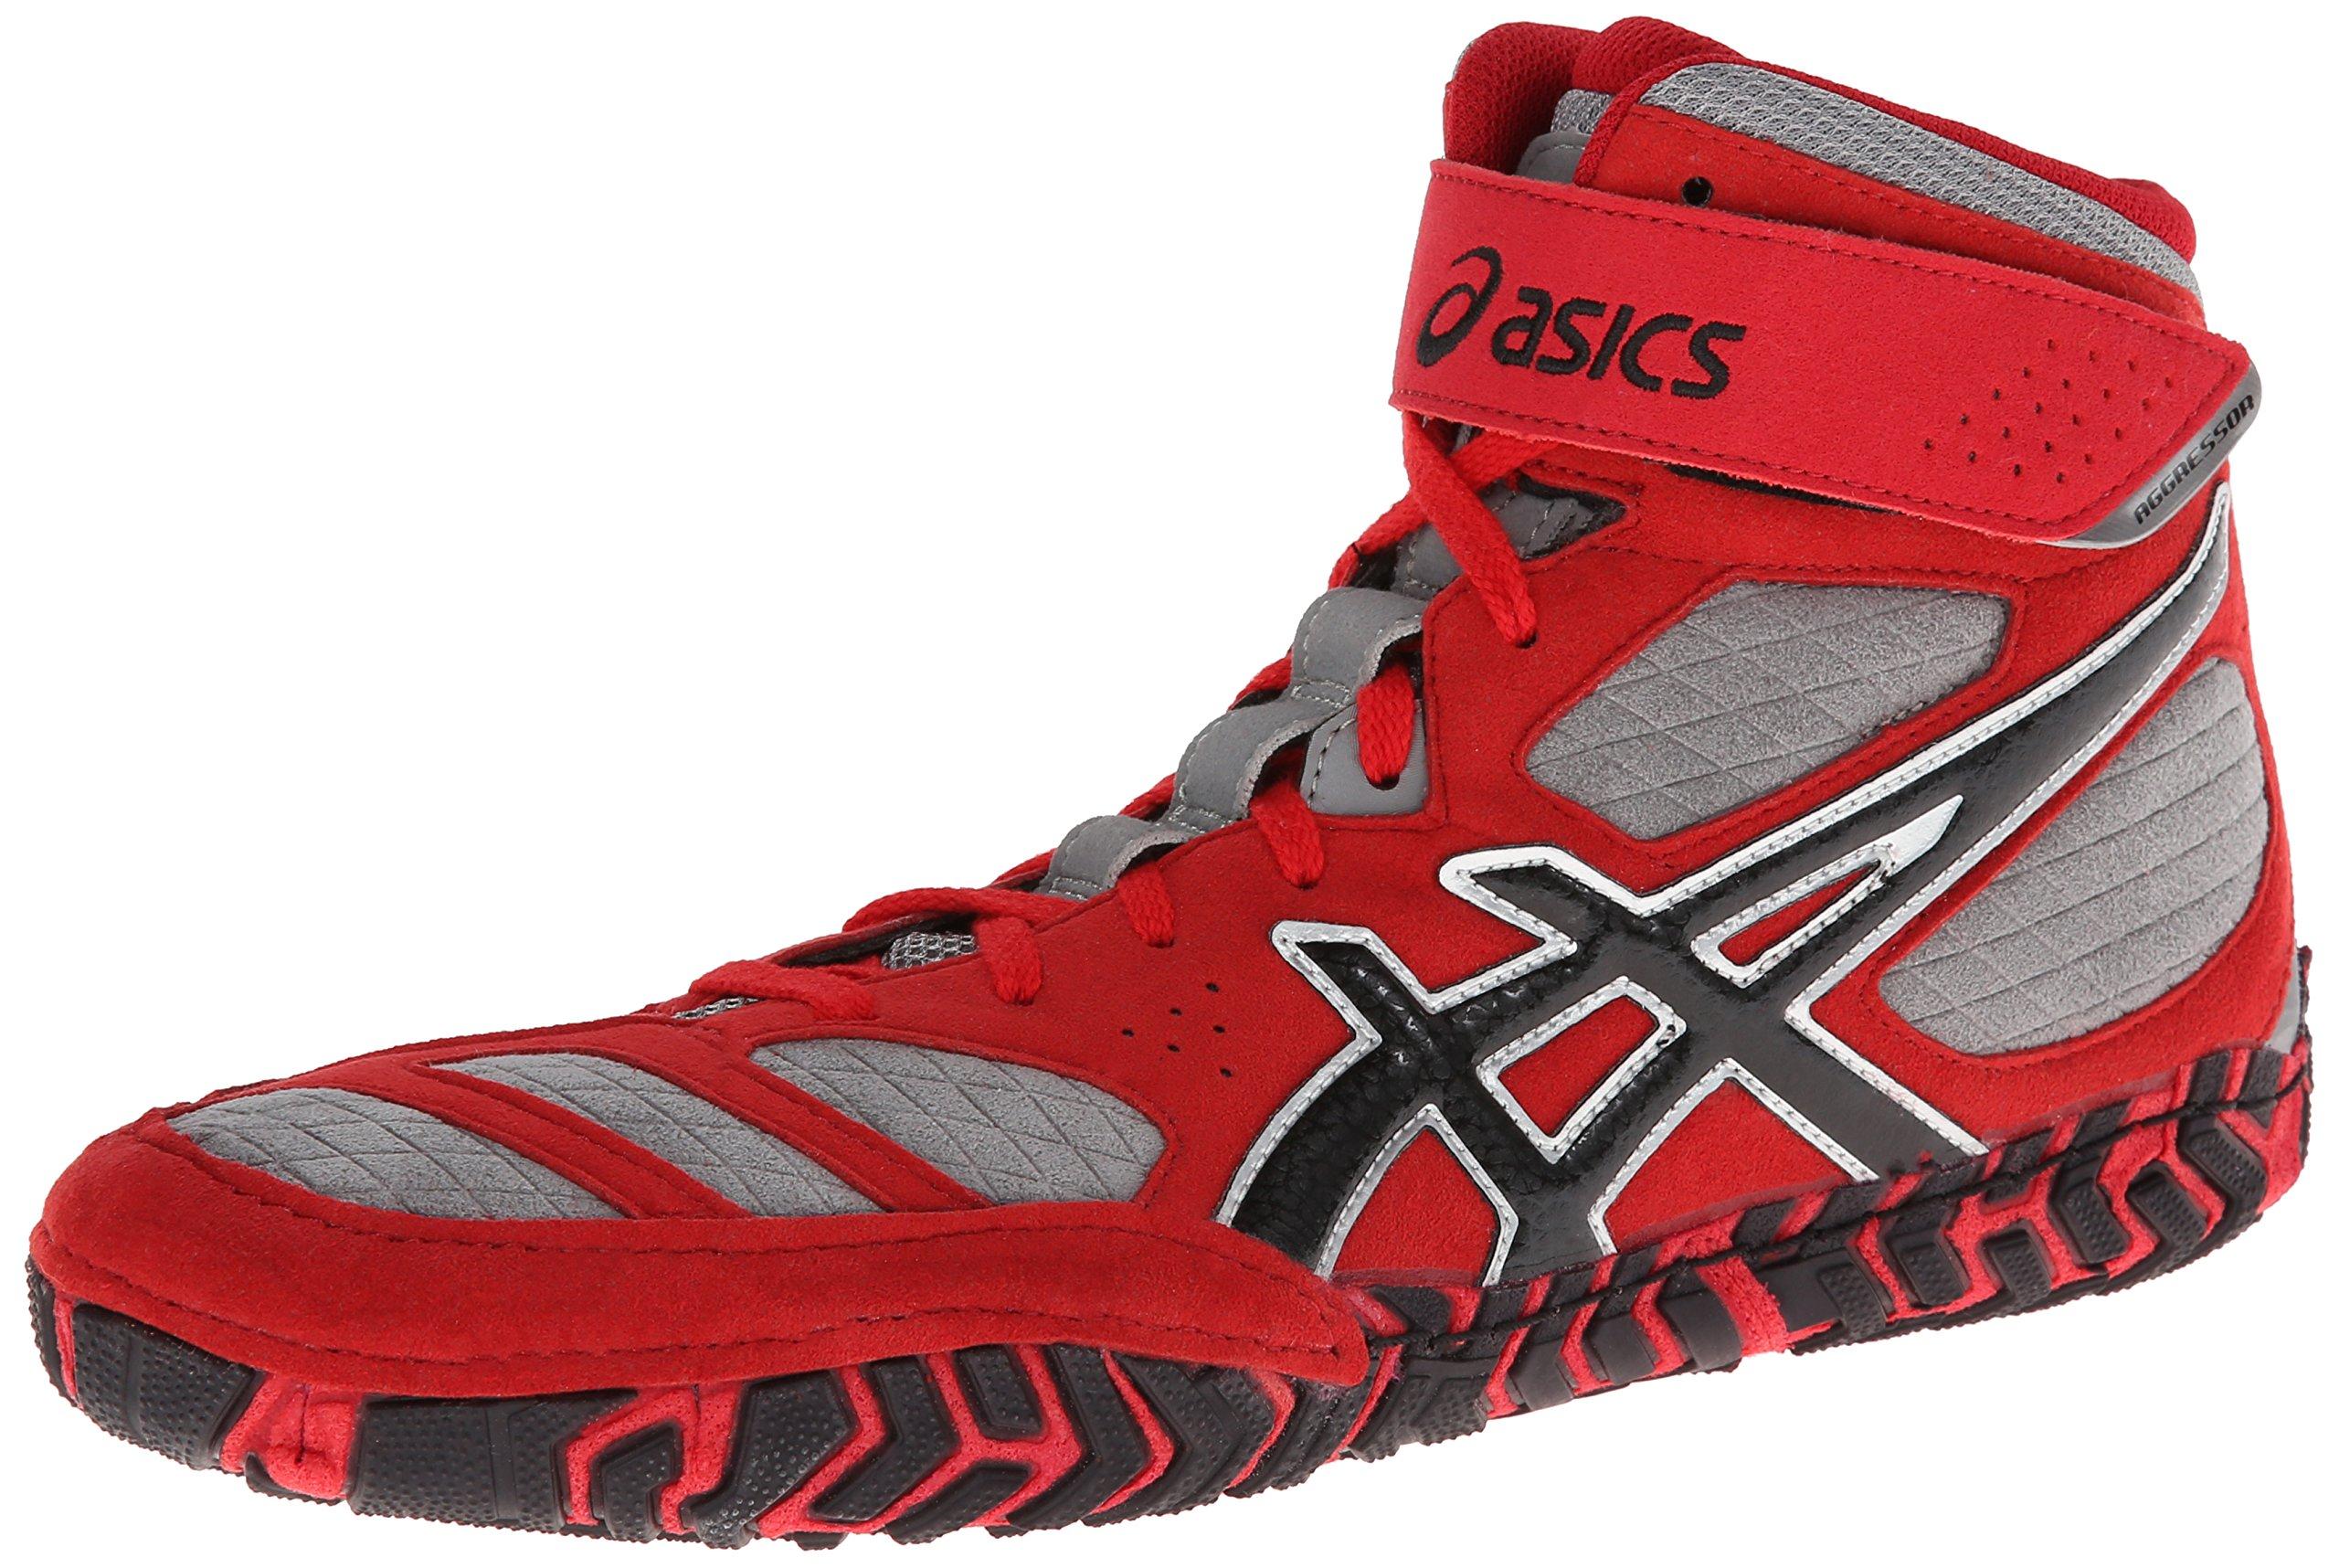 5edec2d1a16a Galleon - Asics Men s Aggressor 2 Wrestling Shoe